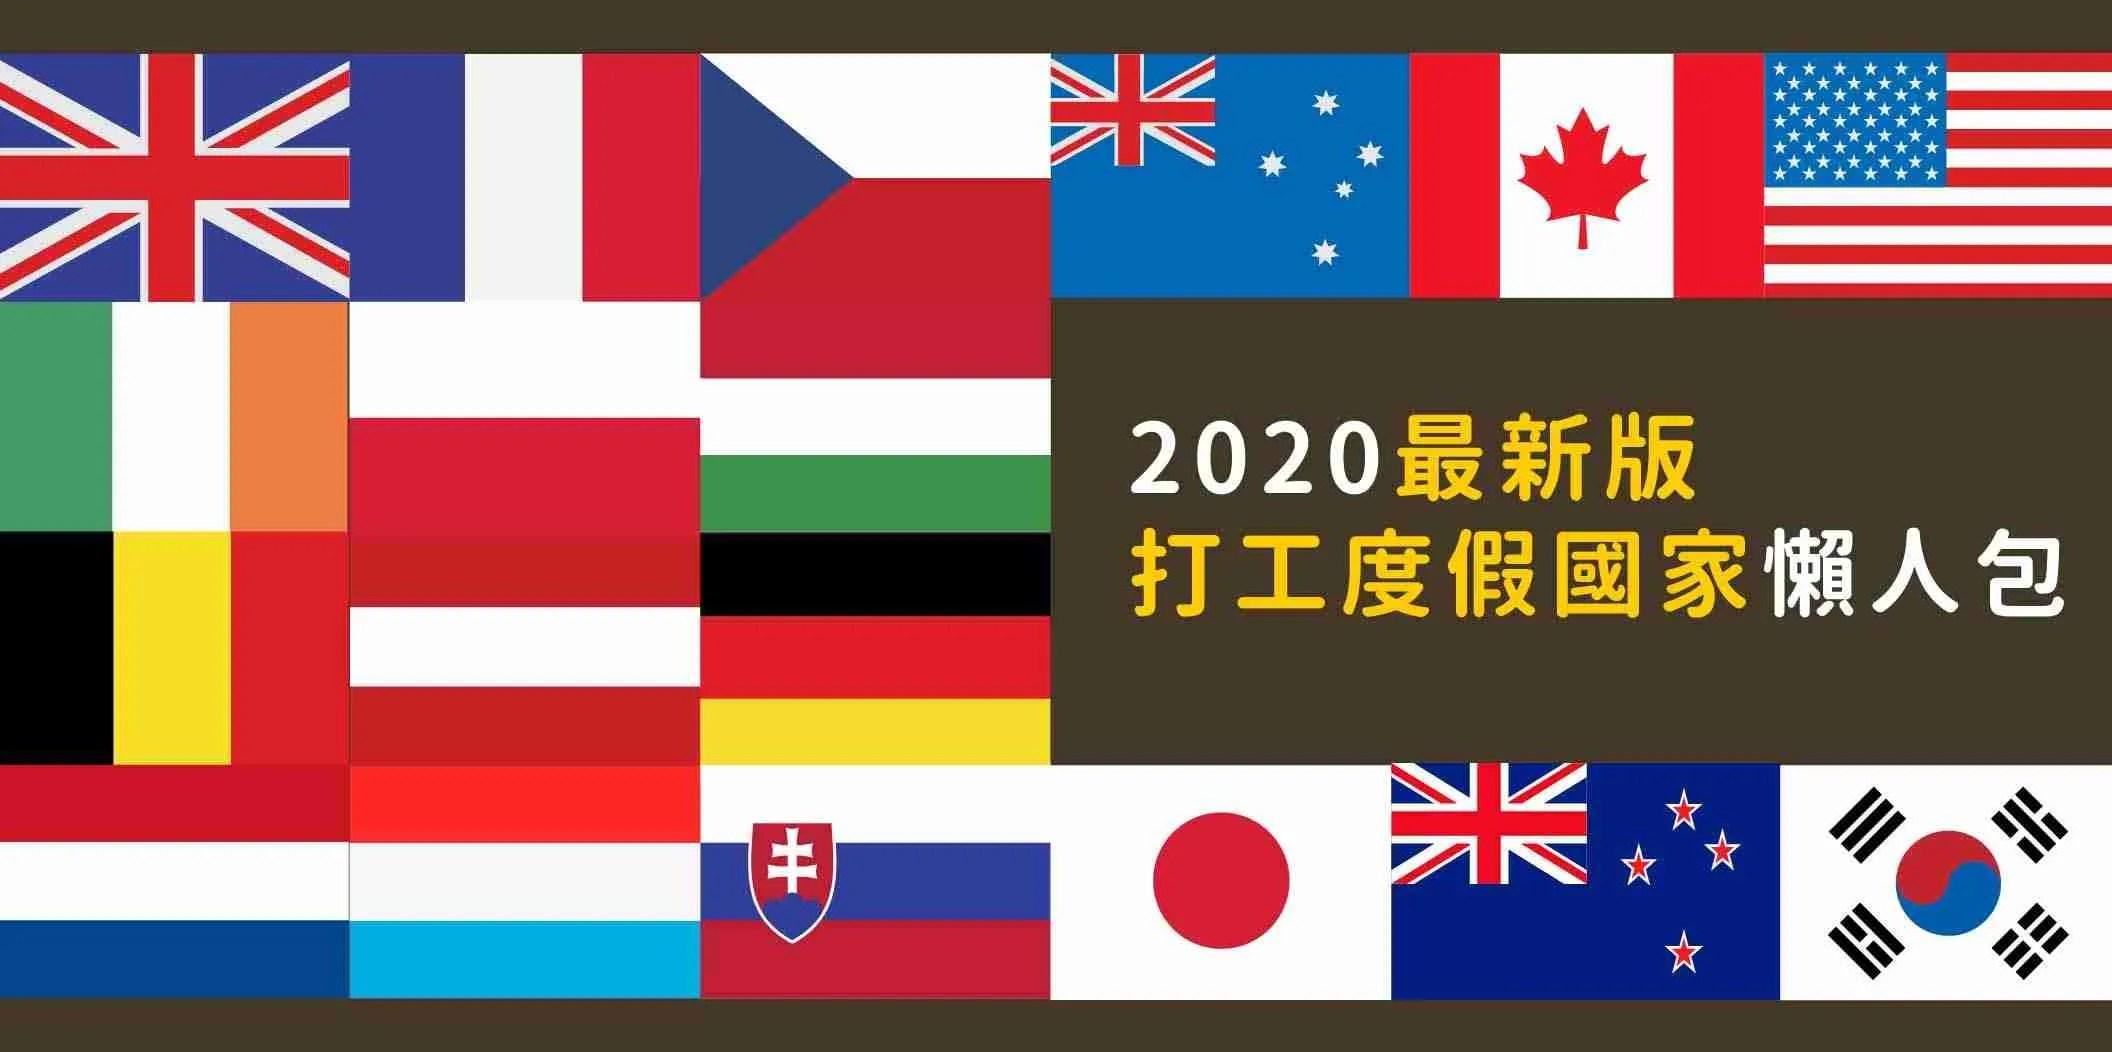 2020更新|各國打工度假國家+分析9大熱門打工度假國家